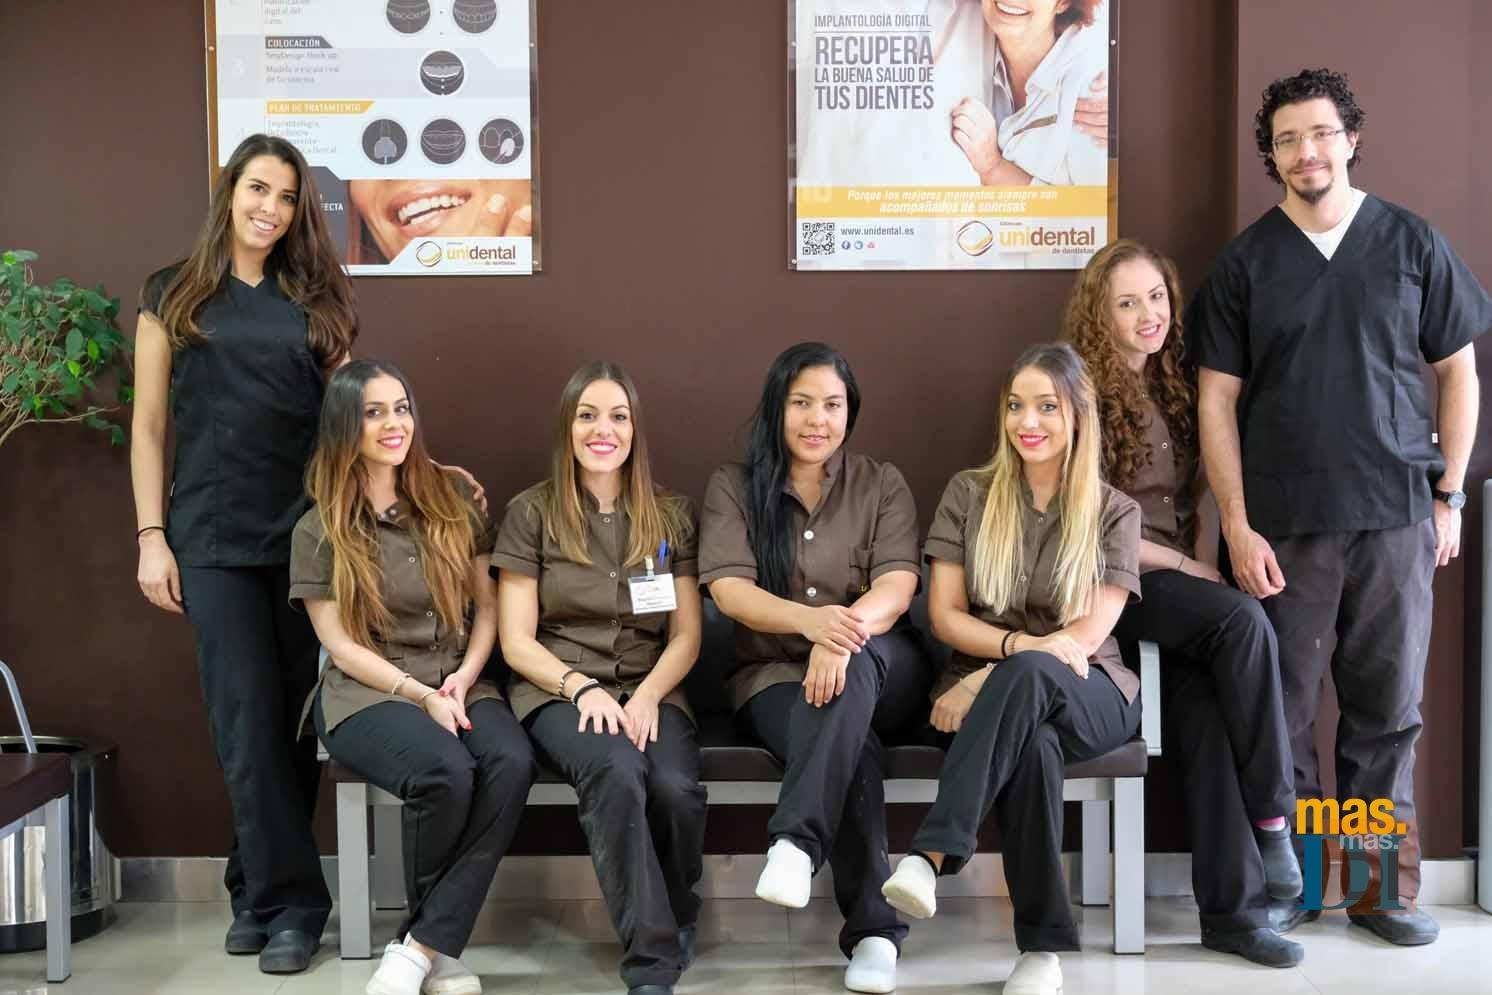 Unidental Ibiza, Odontología digital, soluciones de calidad